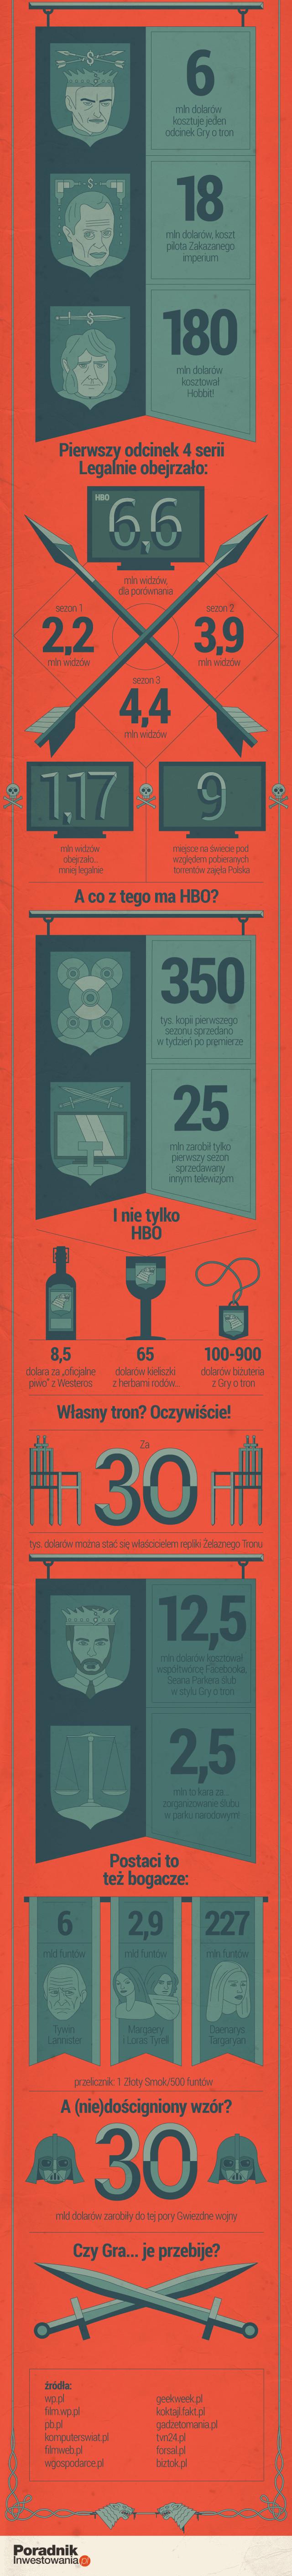 Gra o Tron infografika